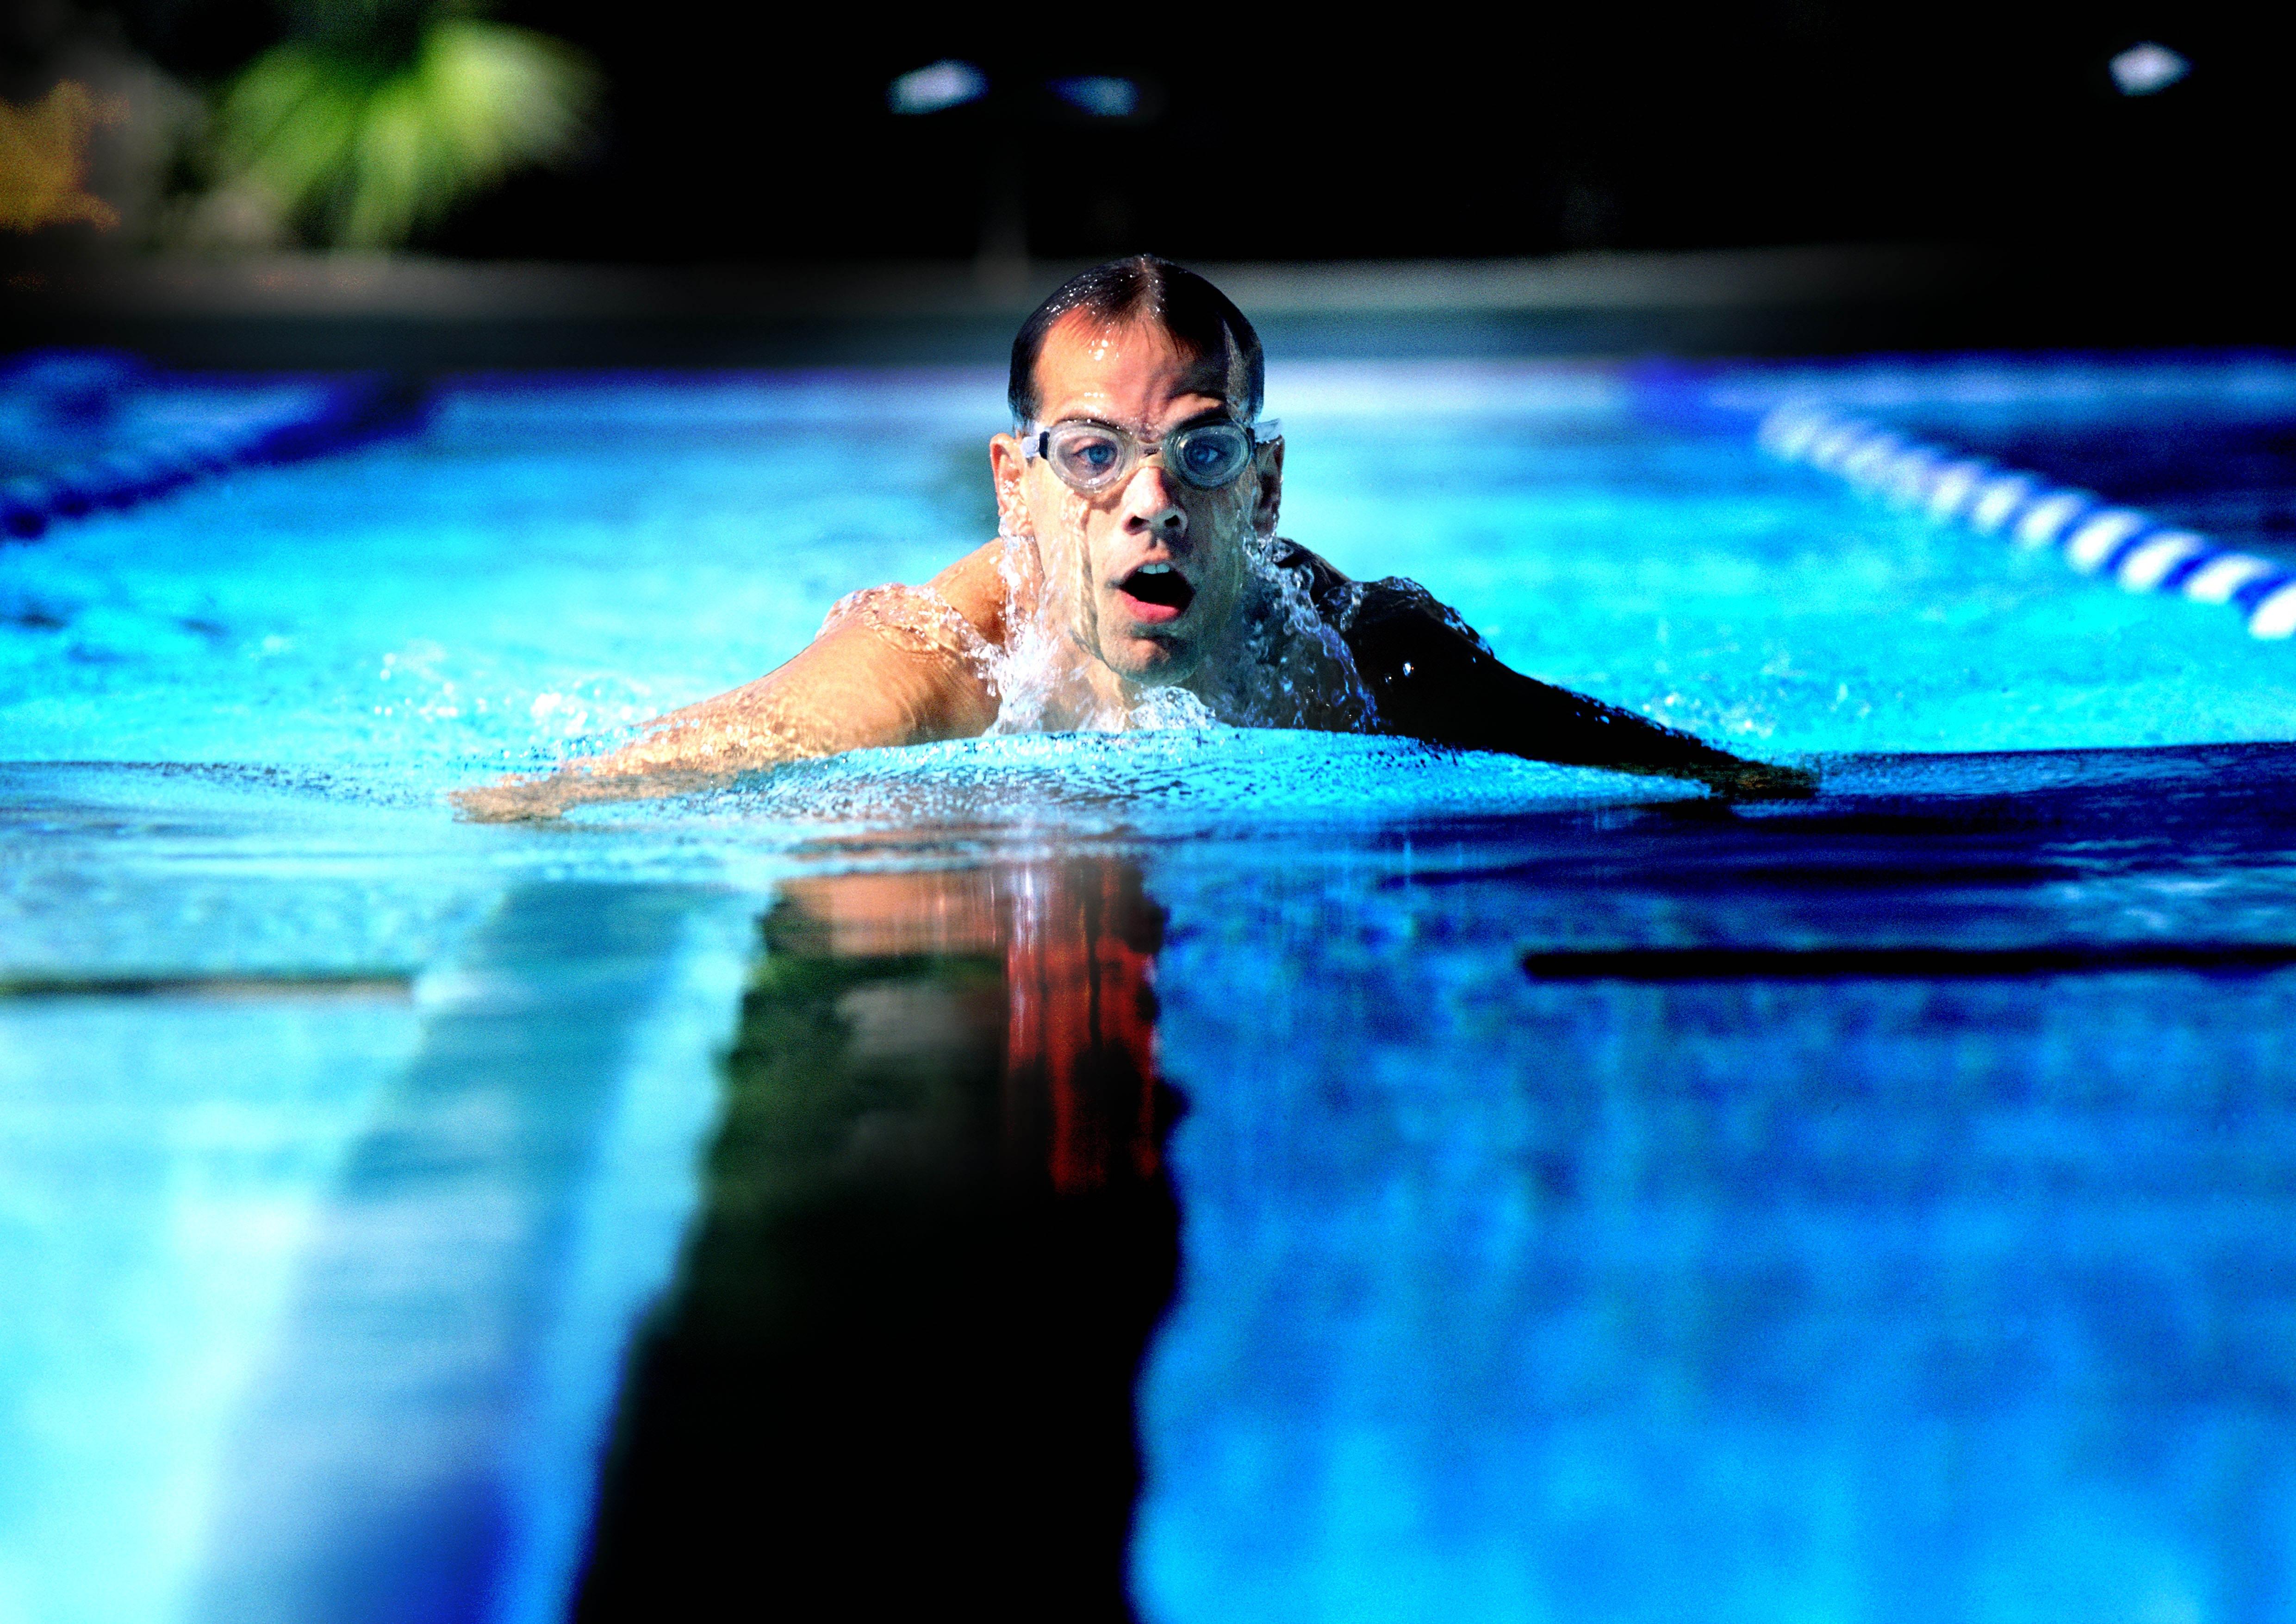 Люди плавают в бассейне картинки гипотетического